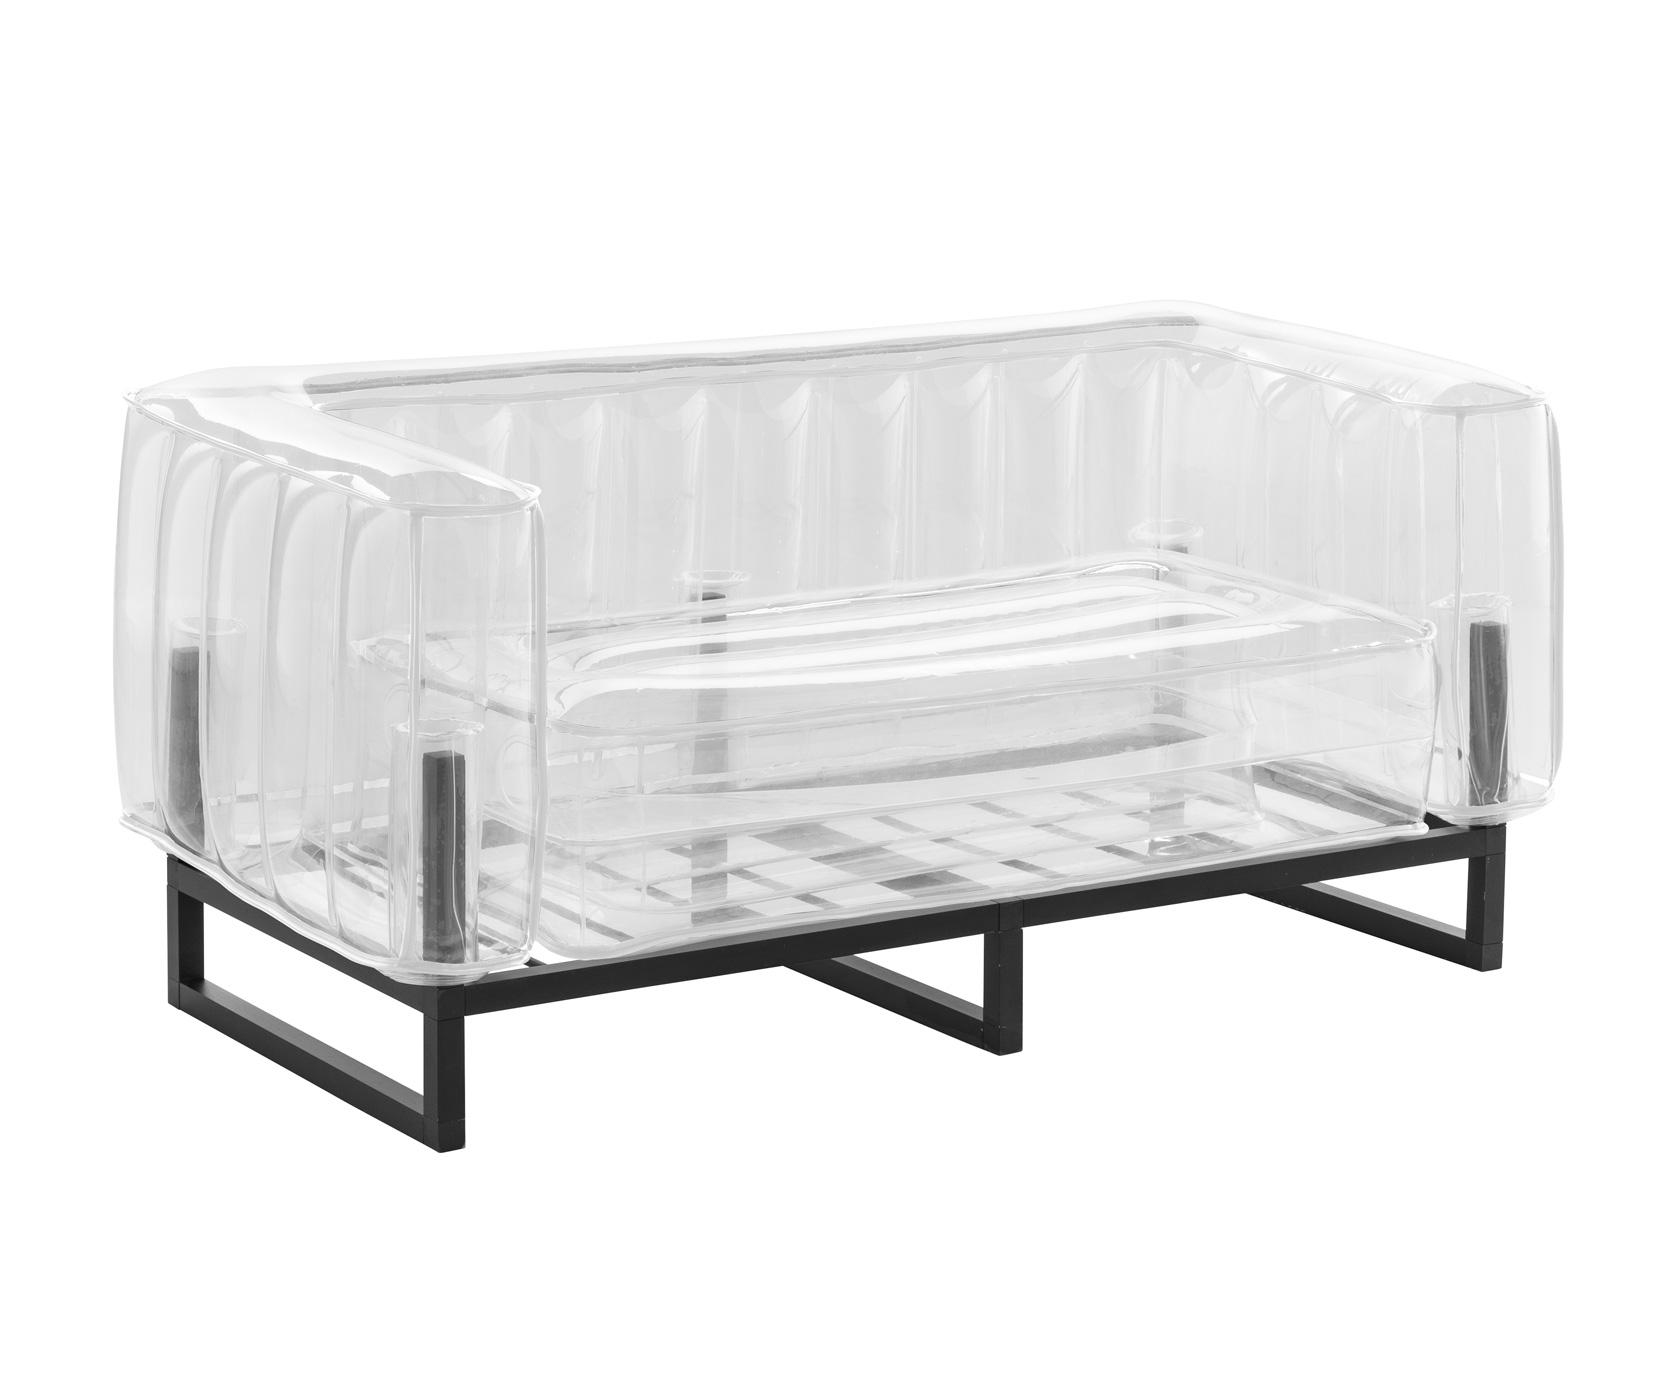 Canapé 2 places tpu transparent cadre en aluminium passepoil blanc